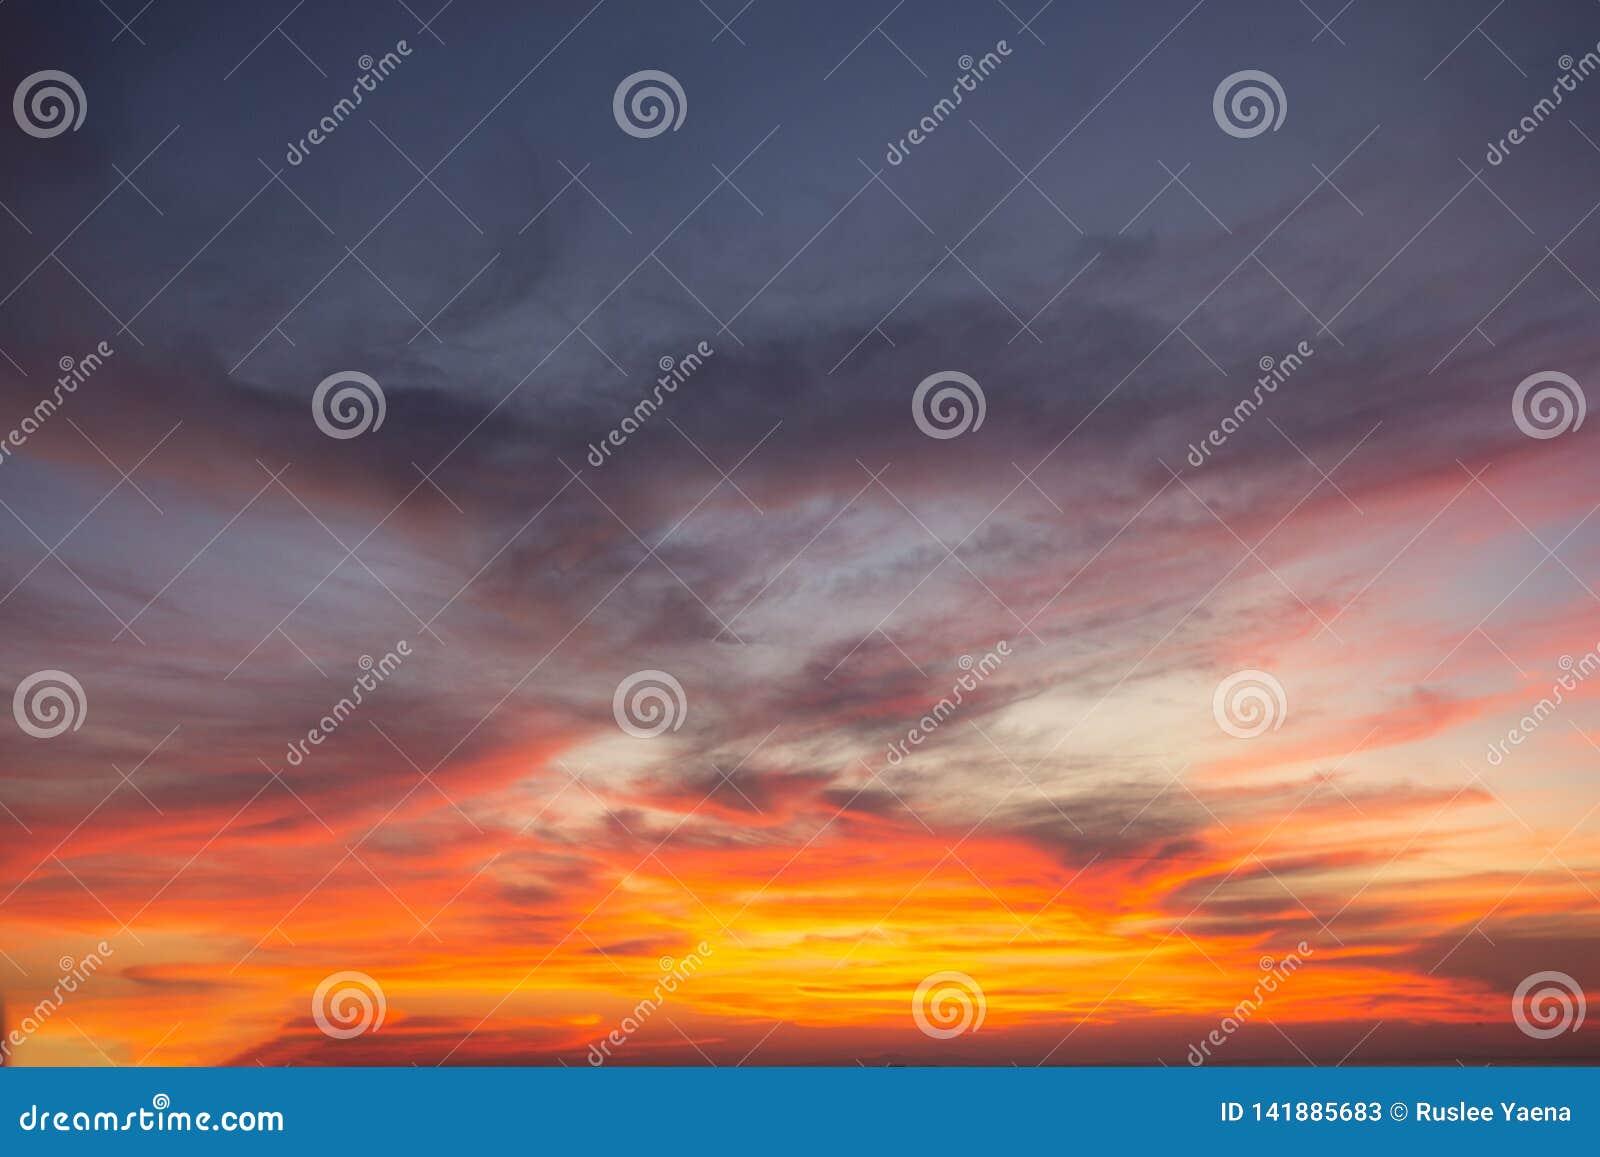 La luz del cielo del cielo es un misterio, en la atmósfera de oro crepuscular, diseño moderno de la estructura de la hoja, nuevo